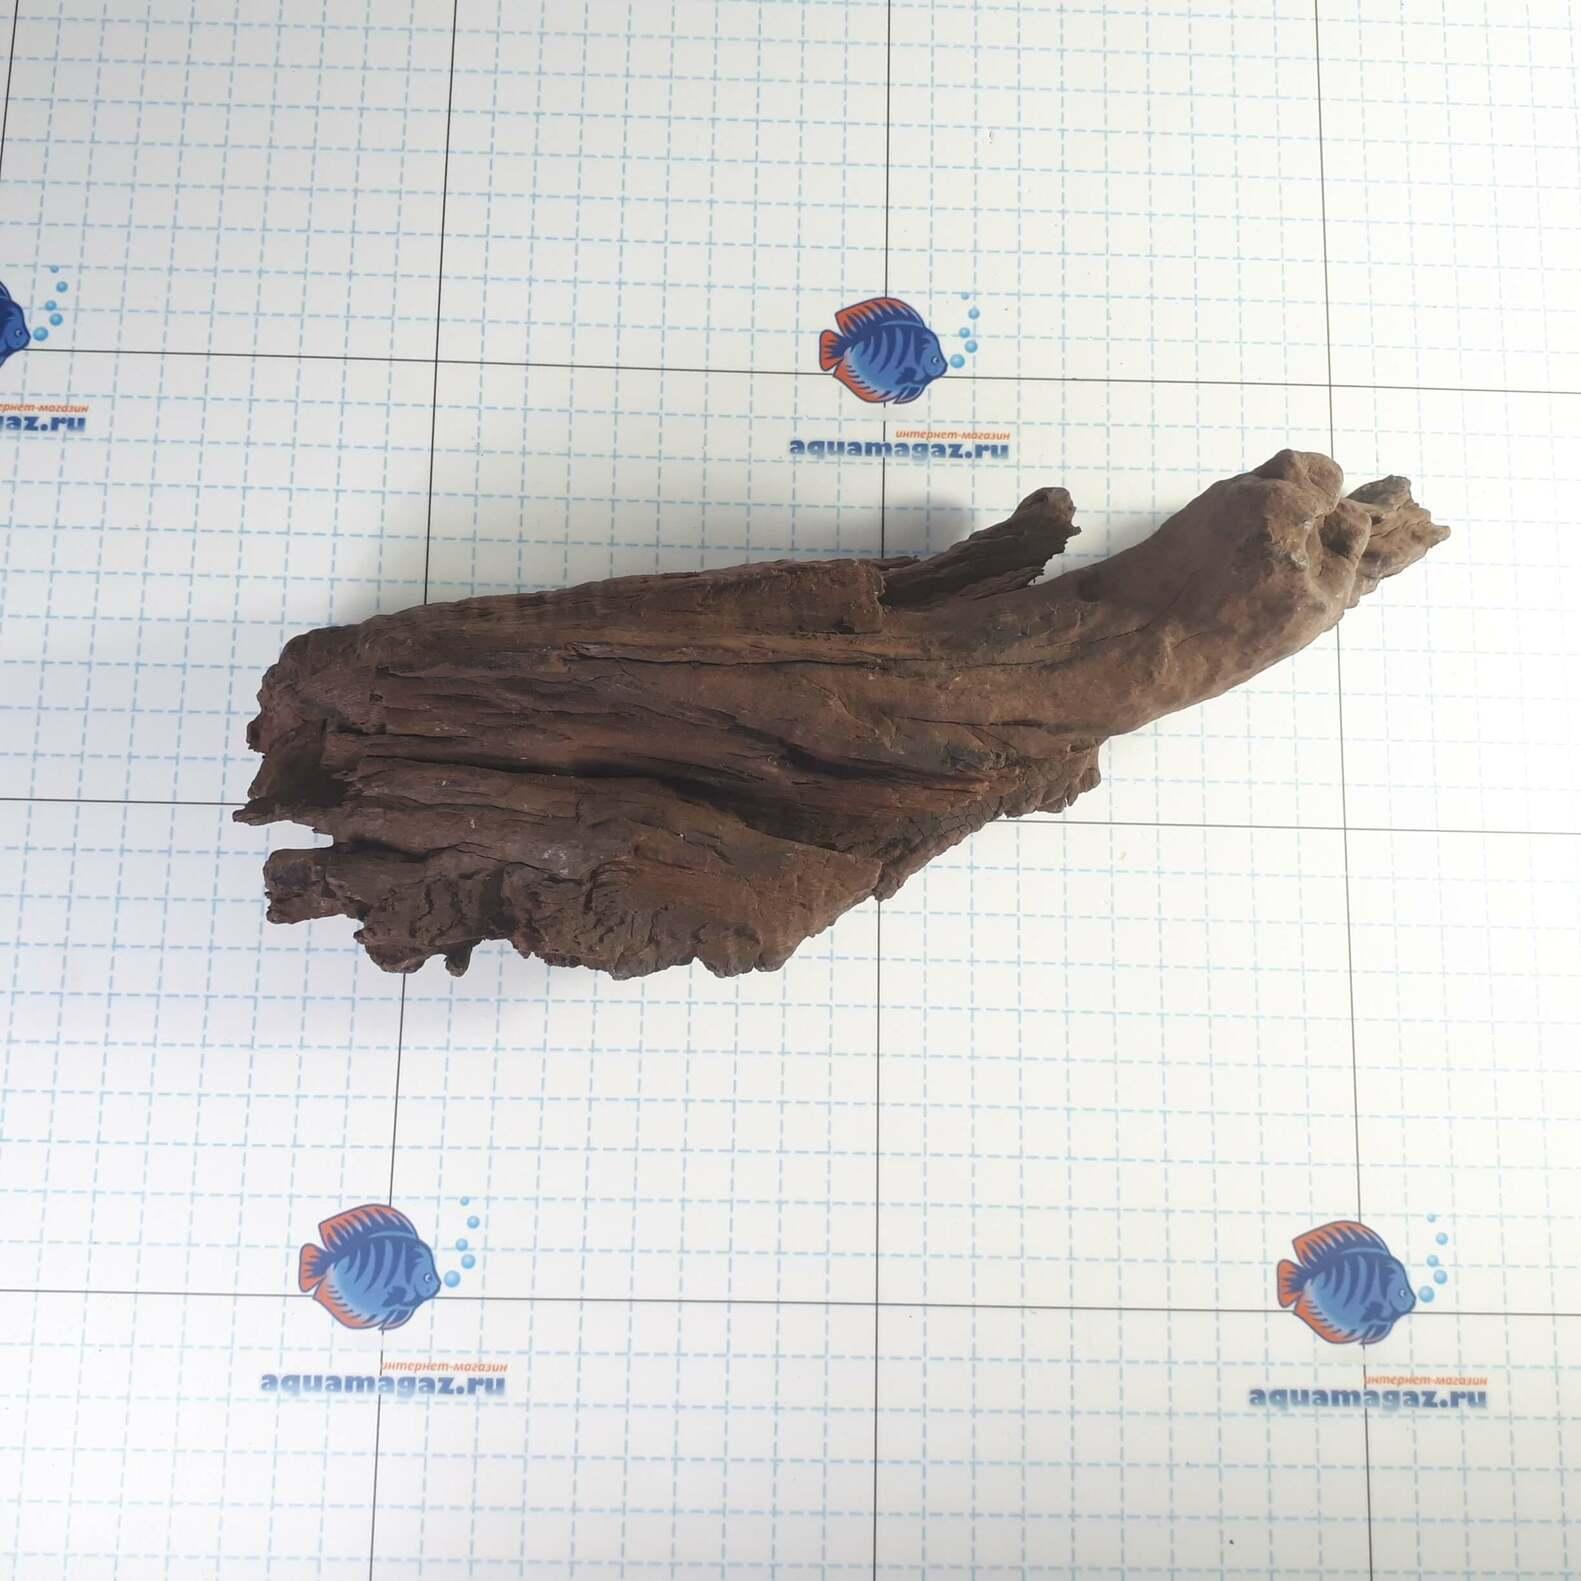 Коряга мангровая средняя 25-40 см L, фото 2